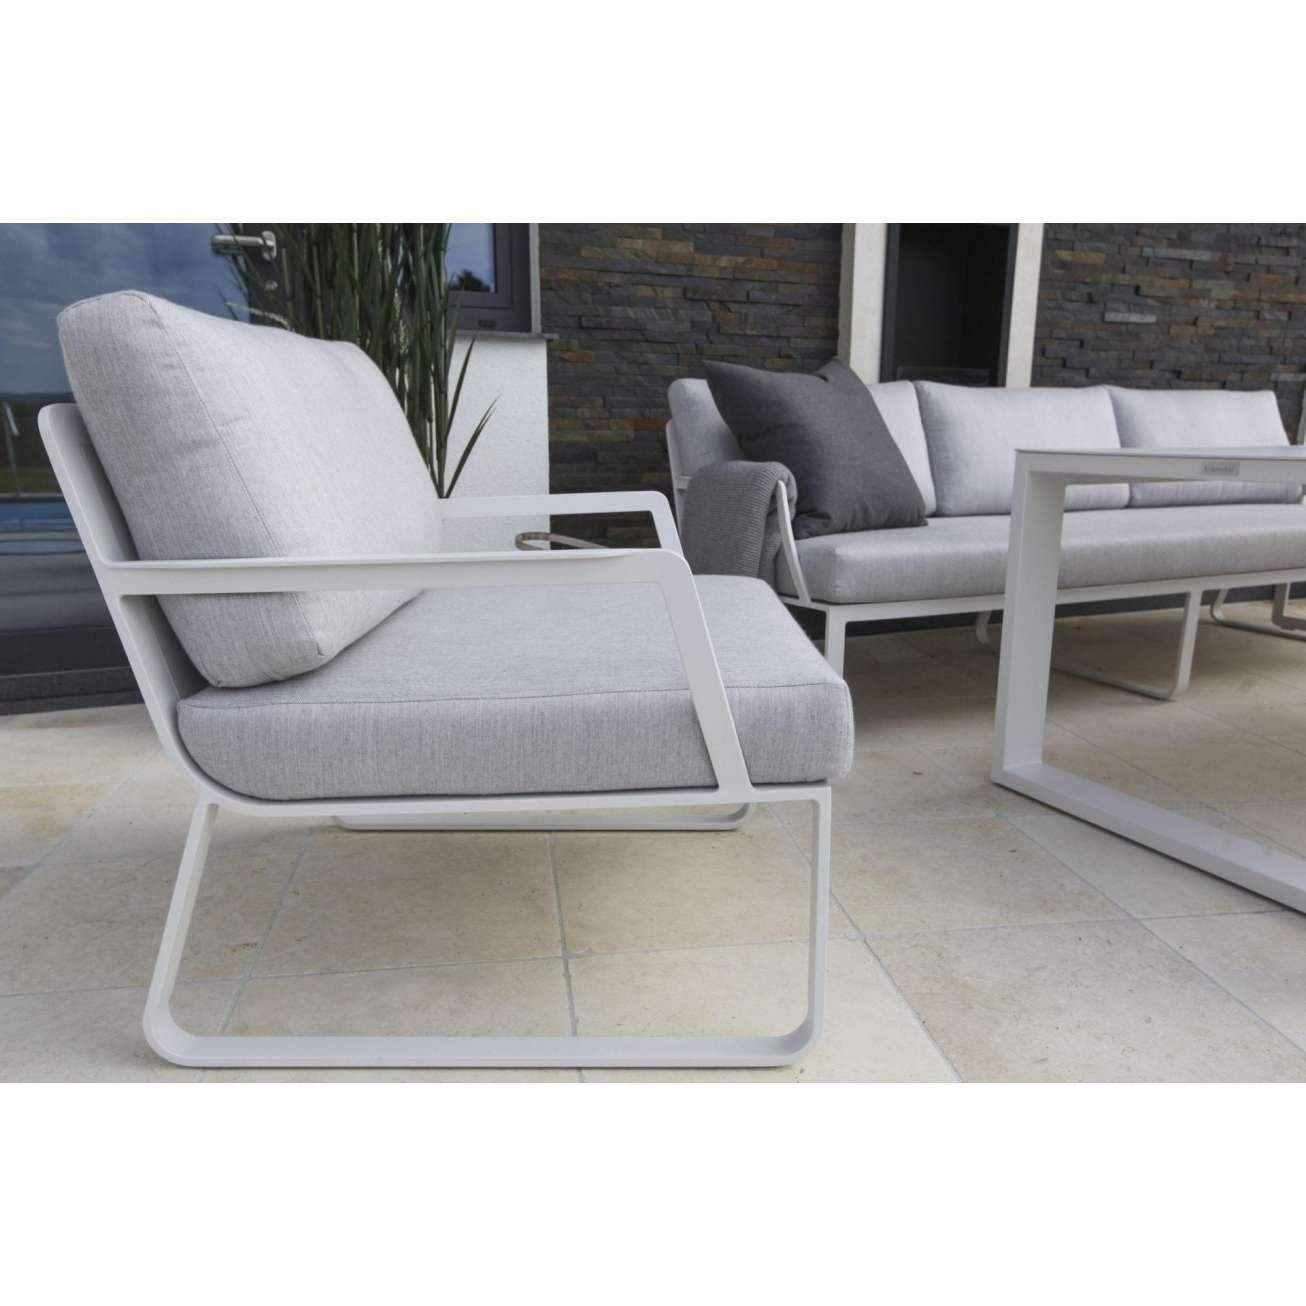 Nærbilde av hagestol i hvit aluminium med grå puter og en 3-seter sofa i bakgrunn